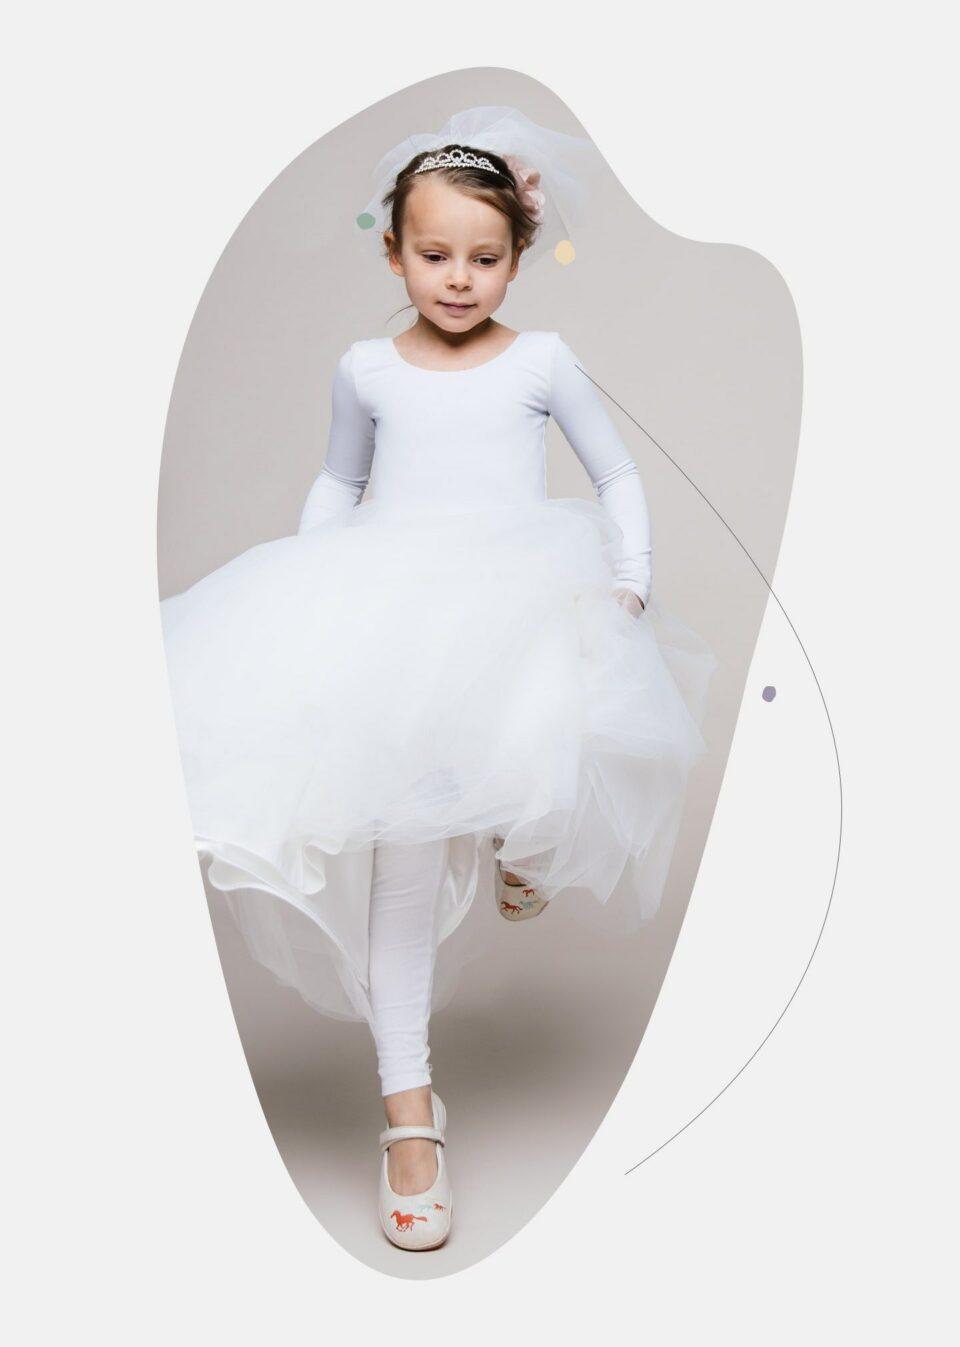 Kind spielt mit bzw. im Brautkleid